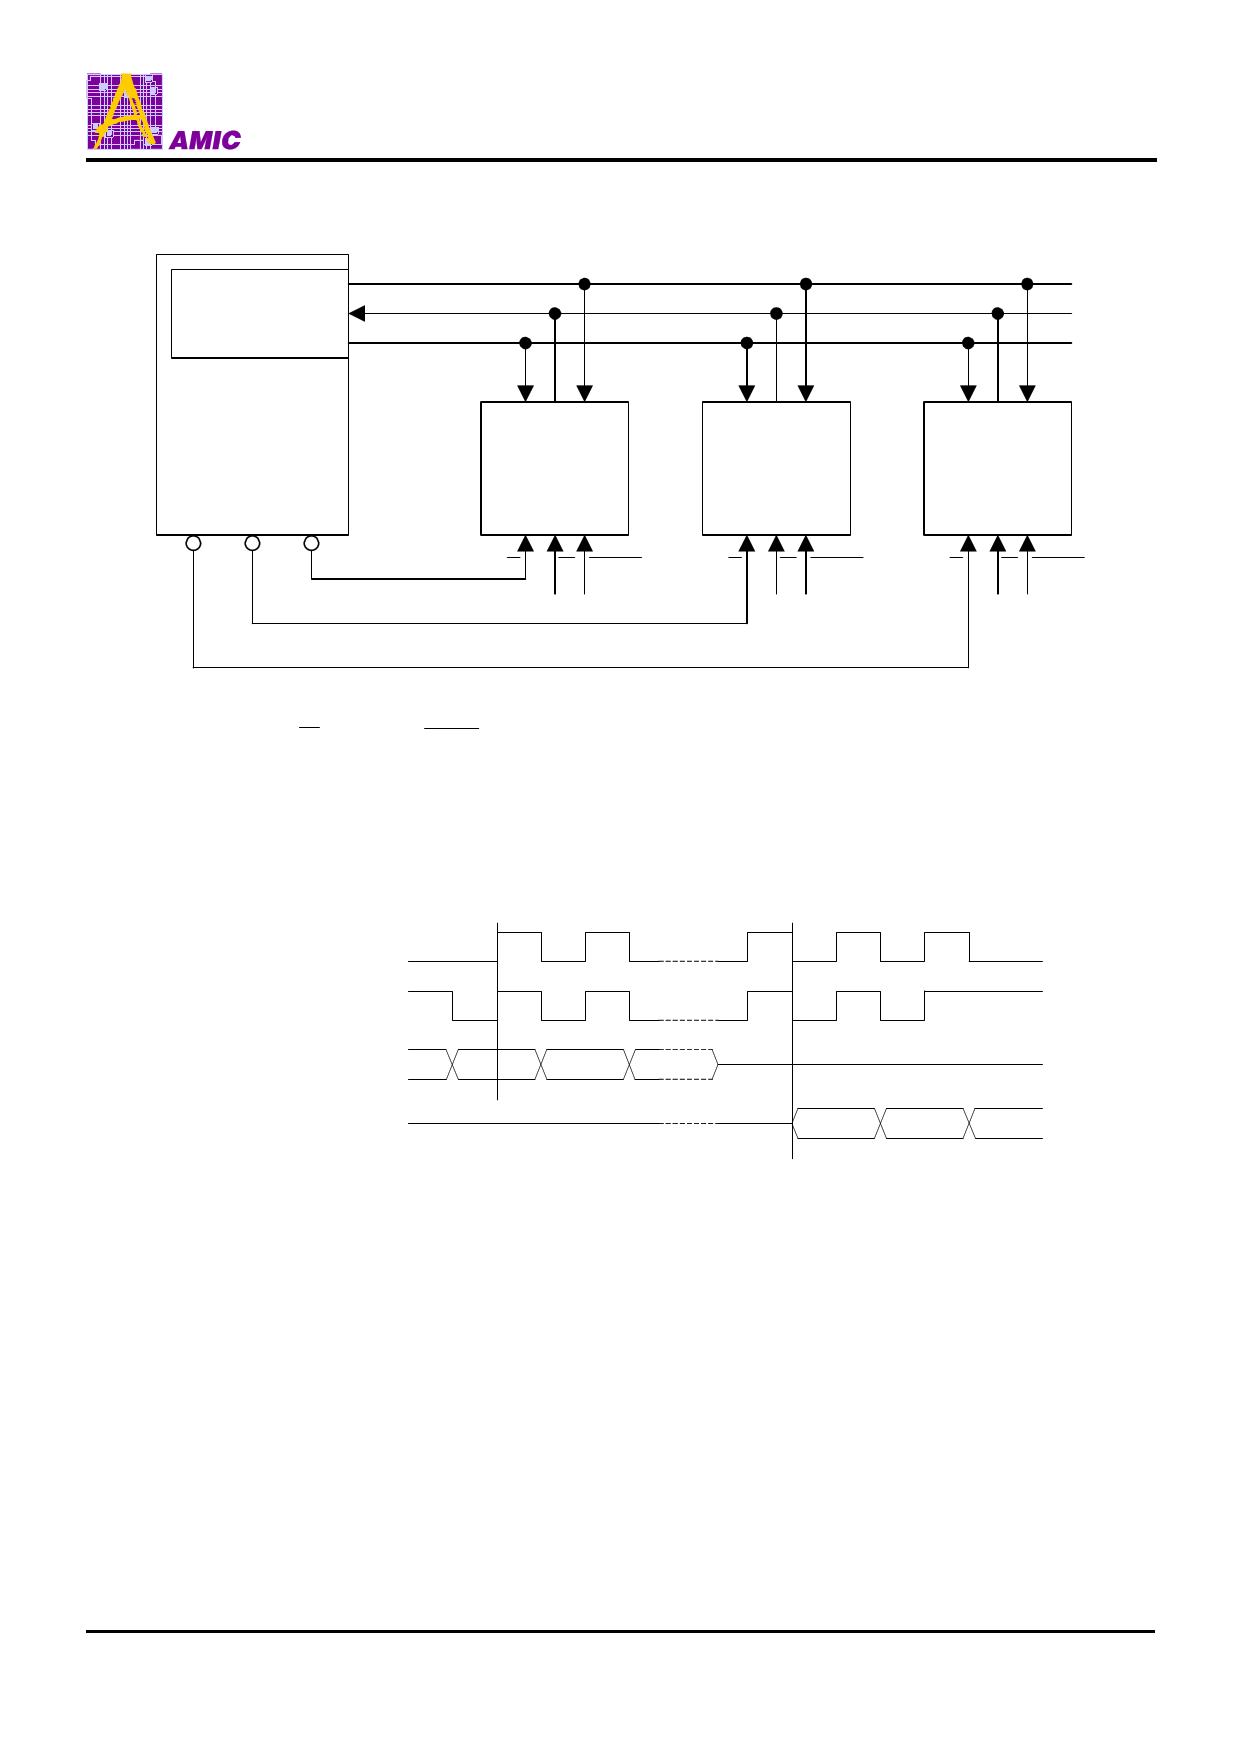 A25L16P equivalent